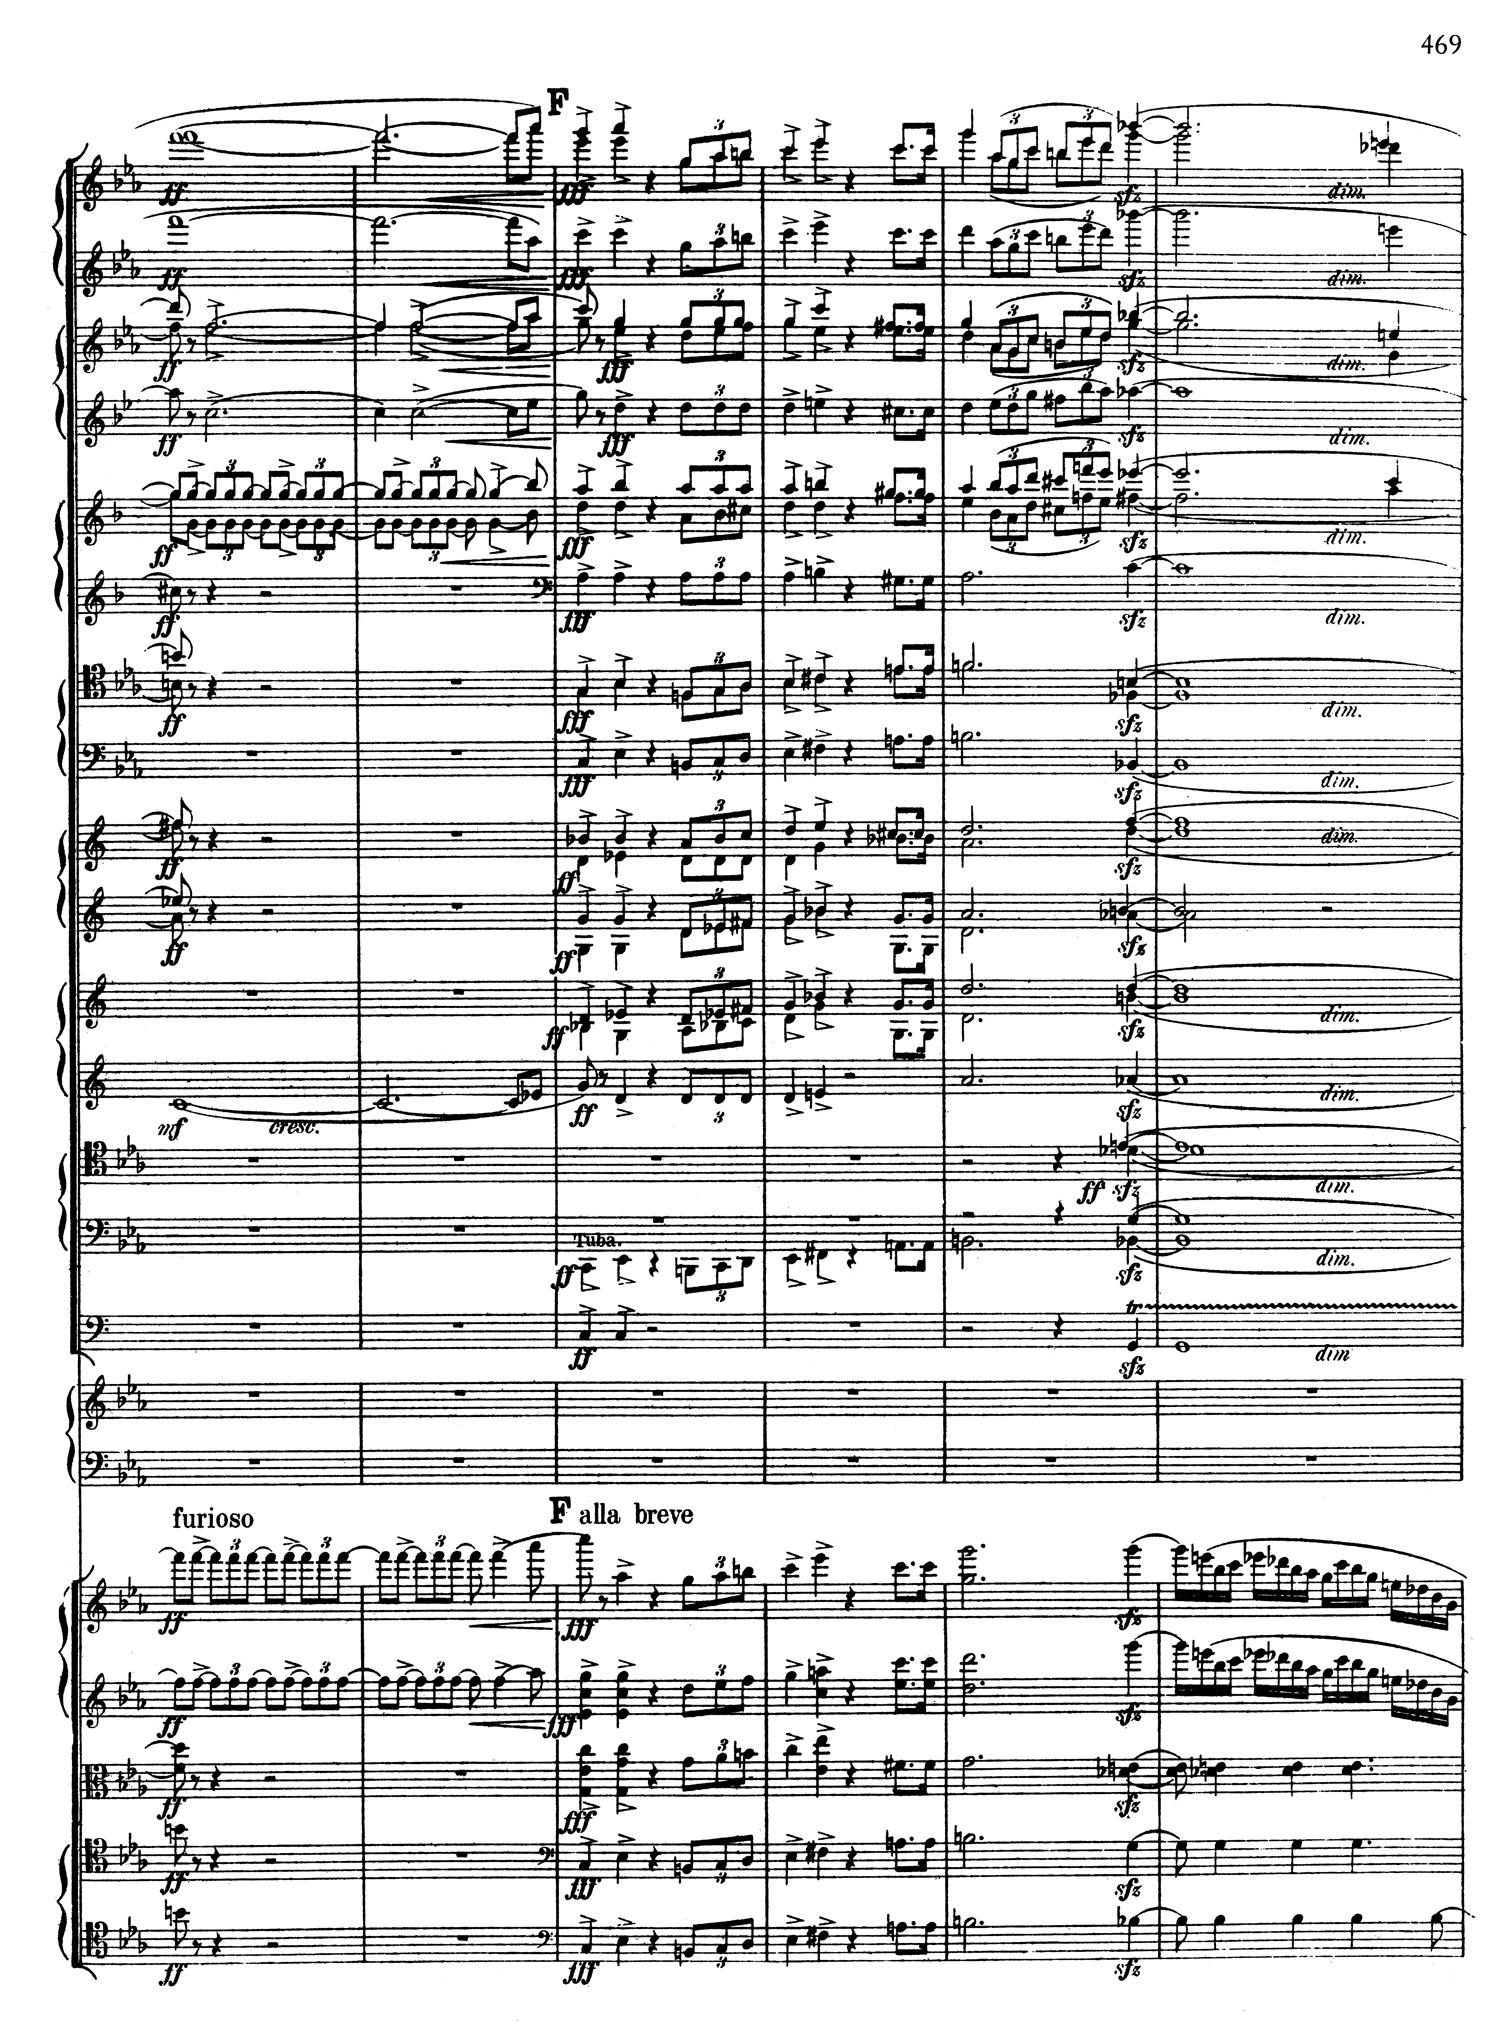 Strauss Death Score 6.jpg